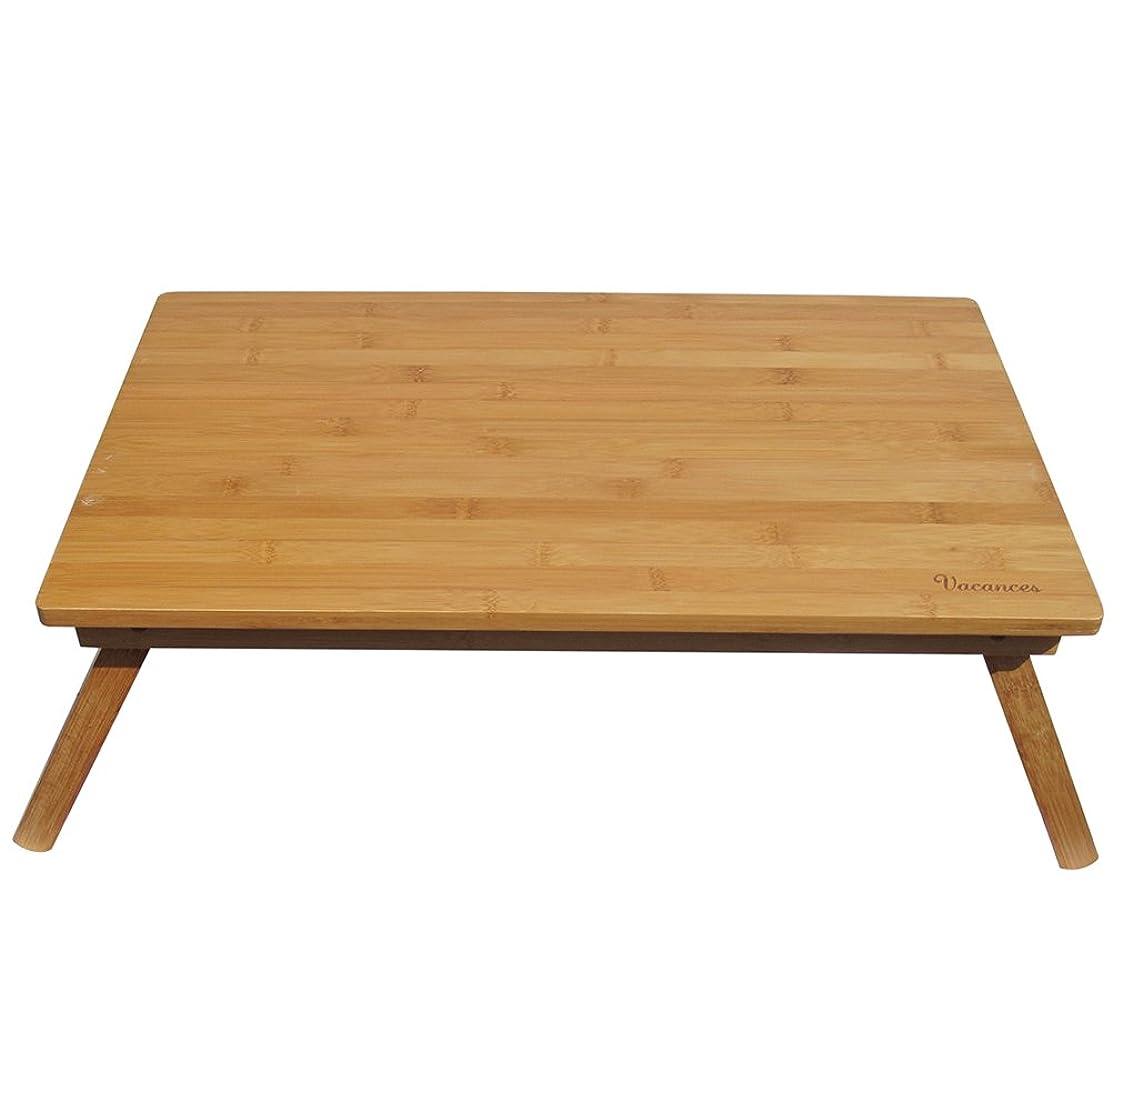 フレッシュ瞬時に気づくなるSPICE OF LIFE 折りたたみバンブーローテーブル バカンス 天板50×30cm 高さ22cm 耐荷重:5kg 竹 KJLF2050